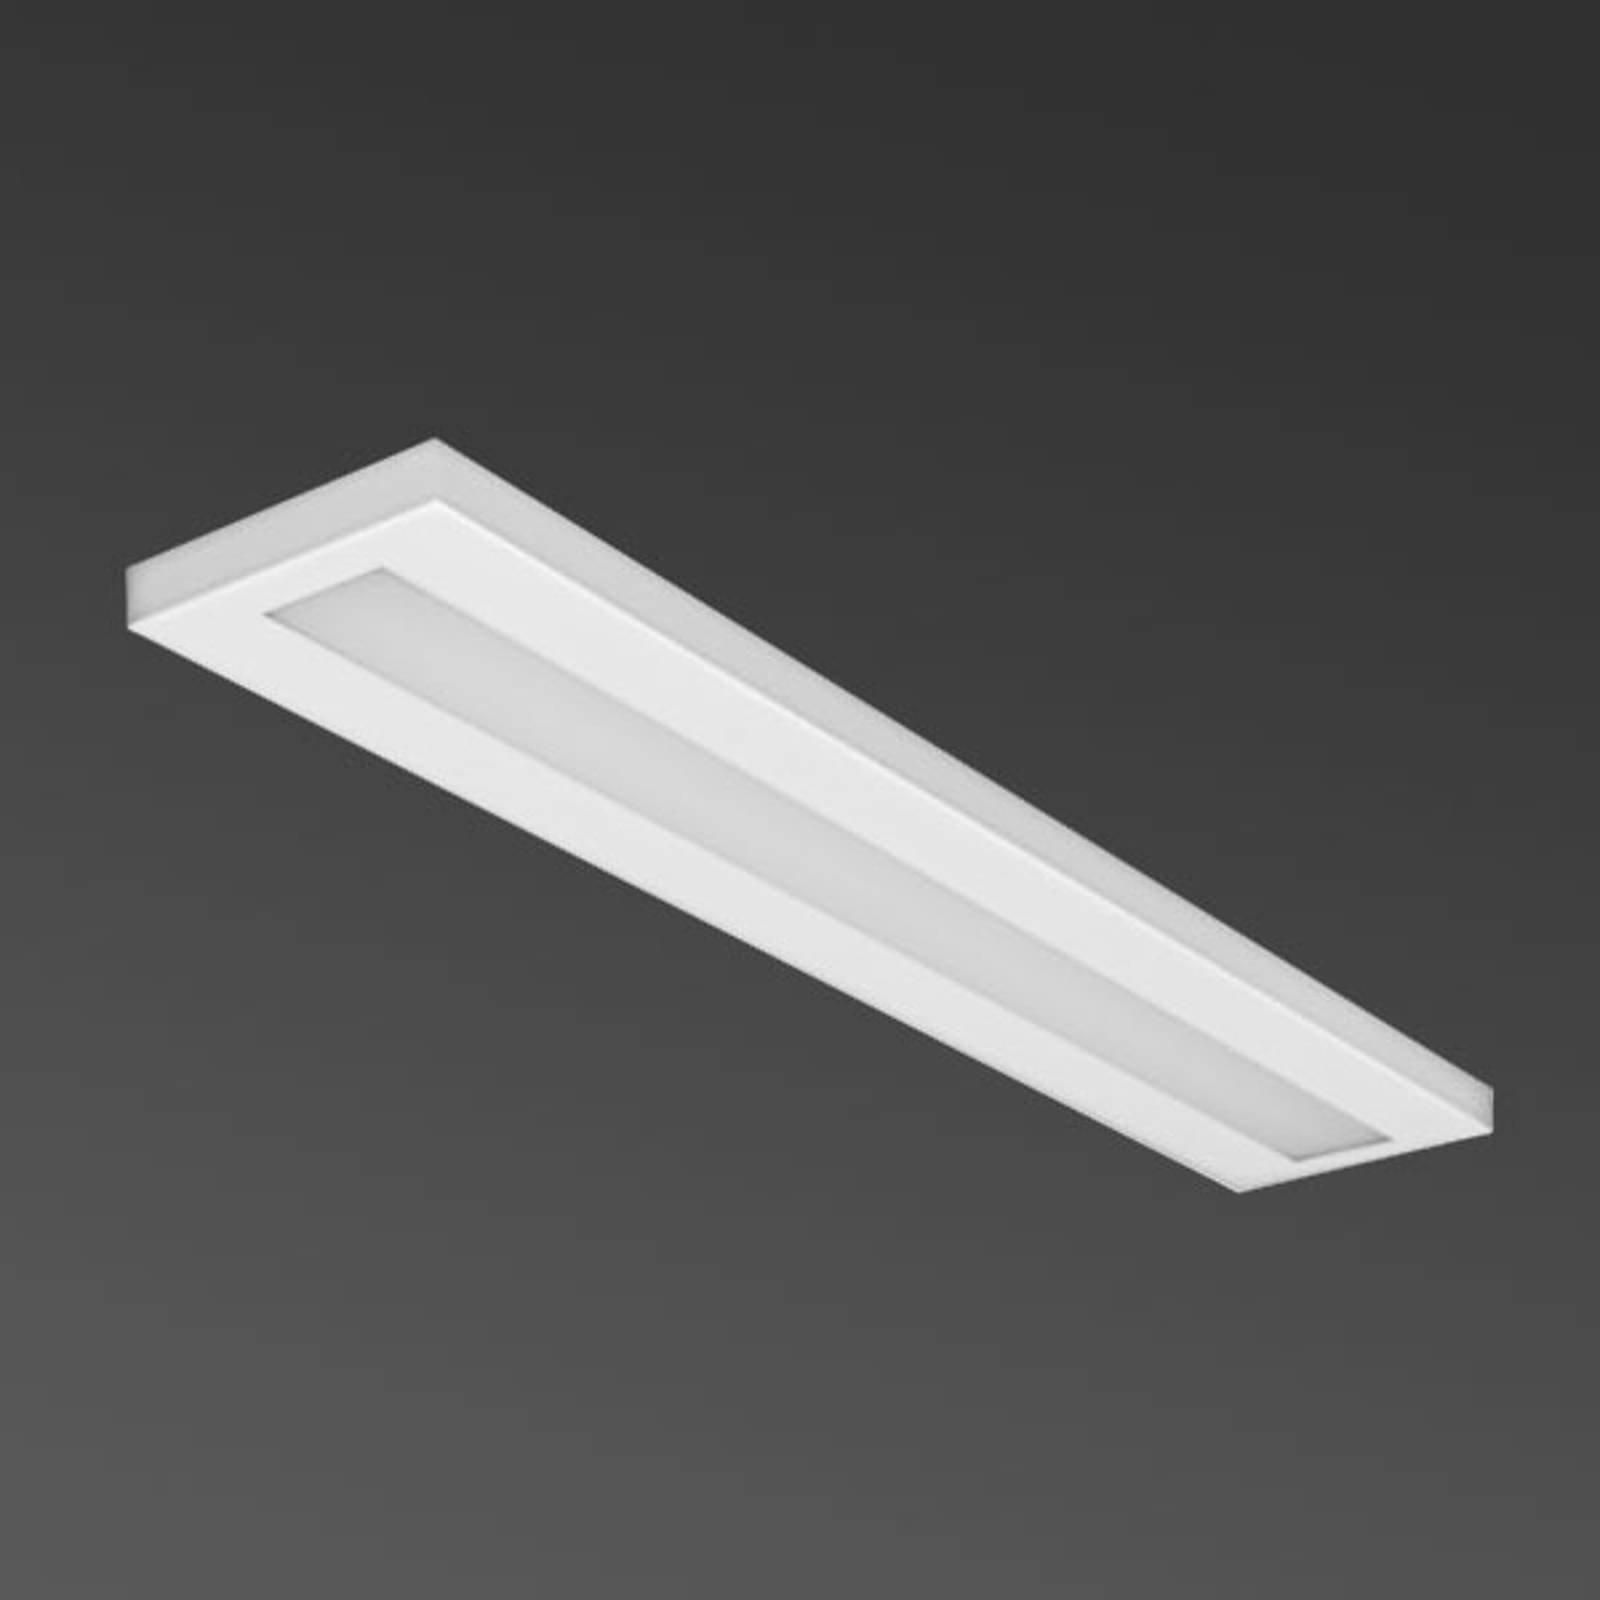 Utenpåliggende LED-lampe, firkantet 48 W, 3 000 K